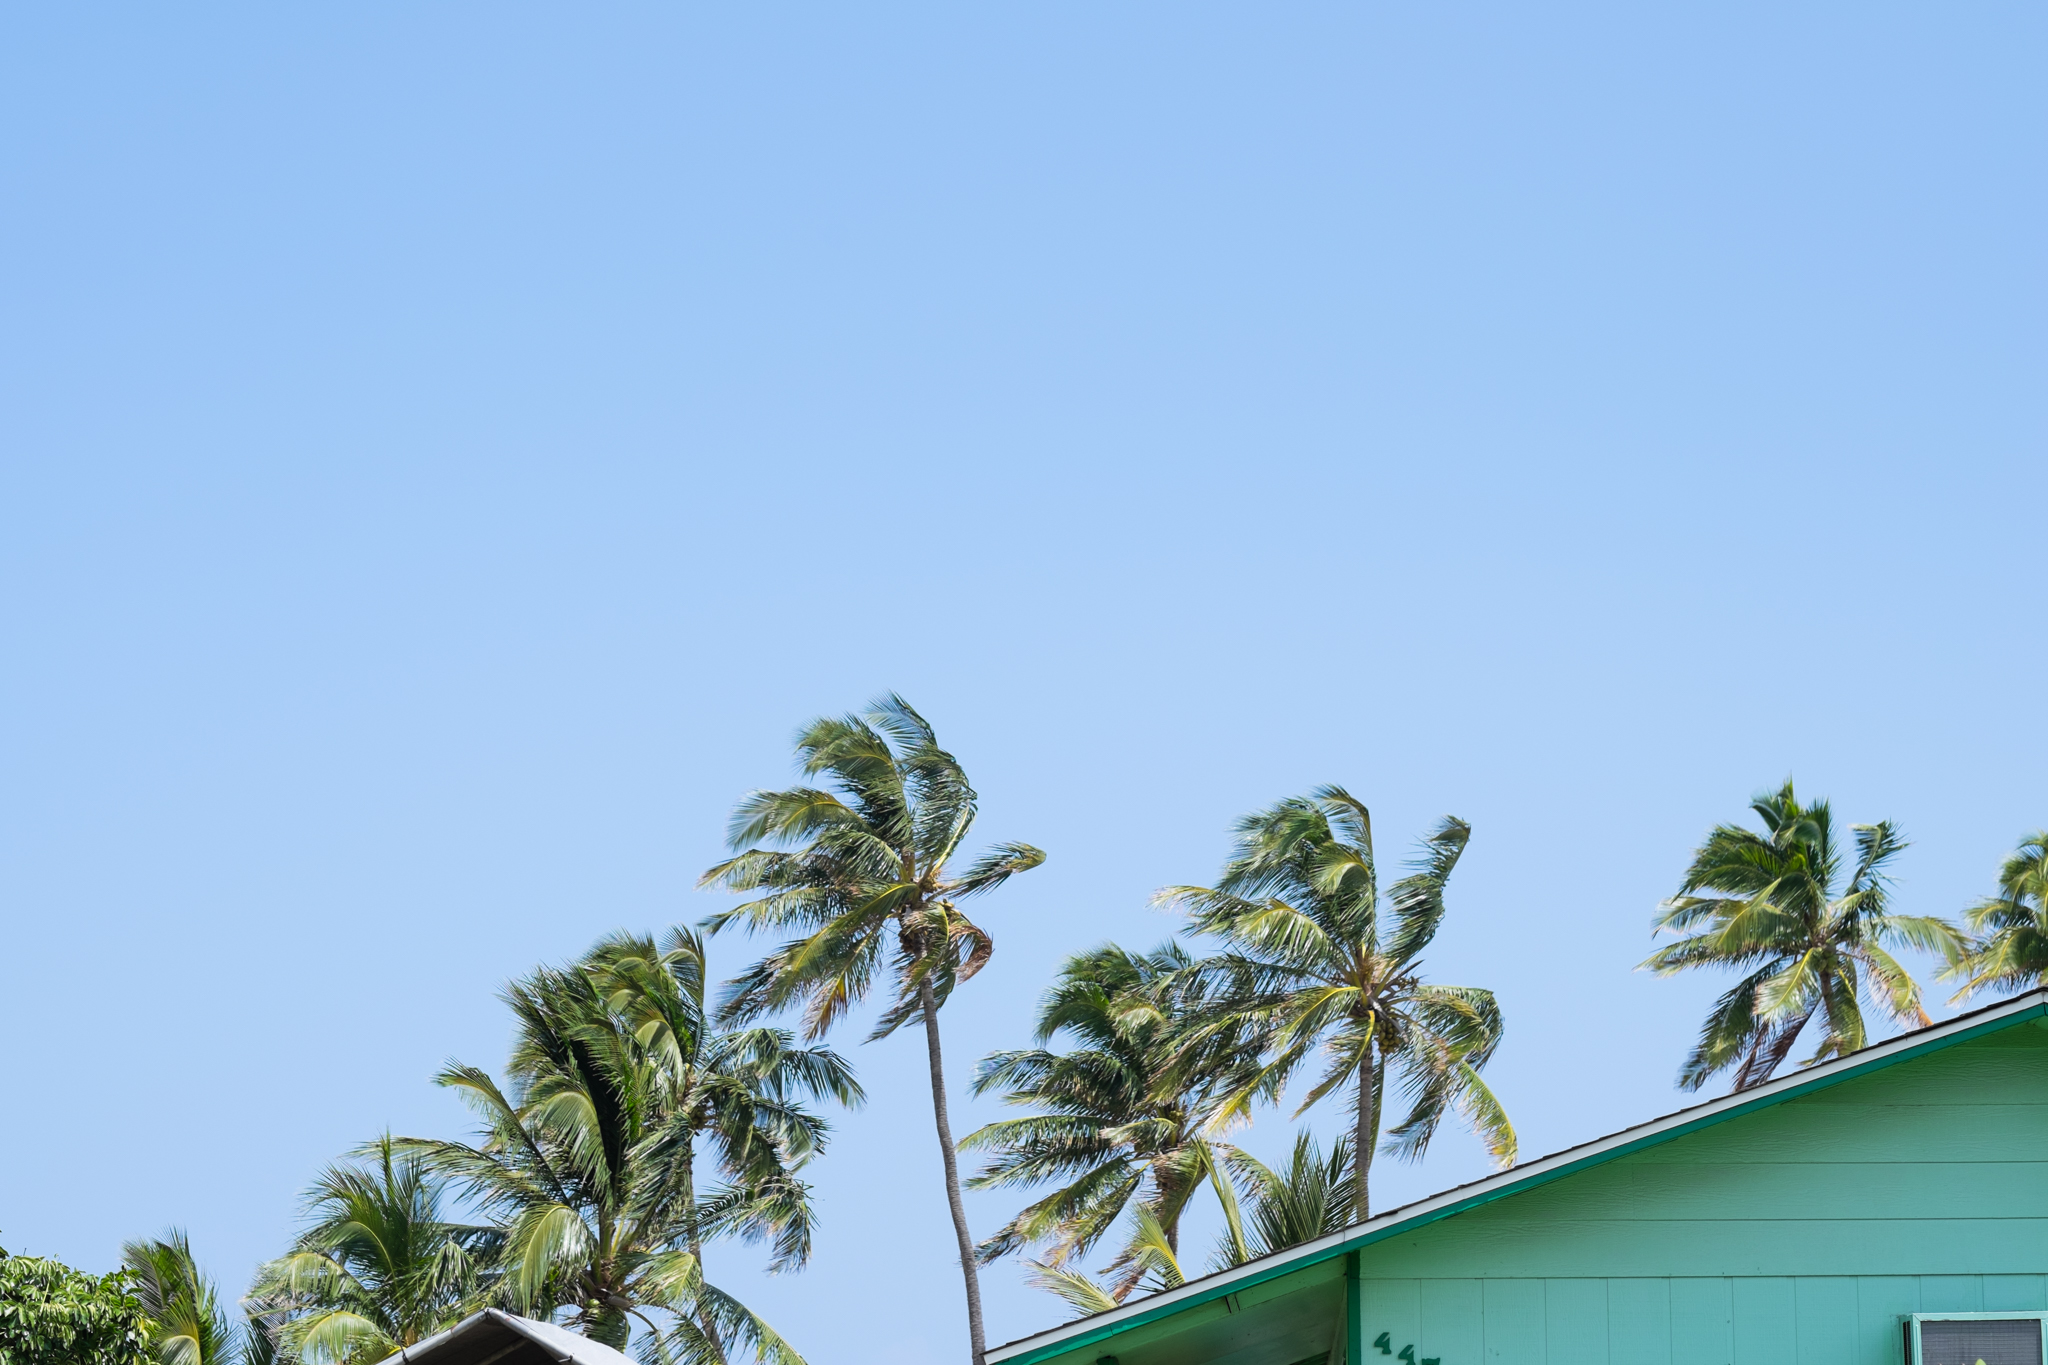 Kauai-225 - Copy.jpg